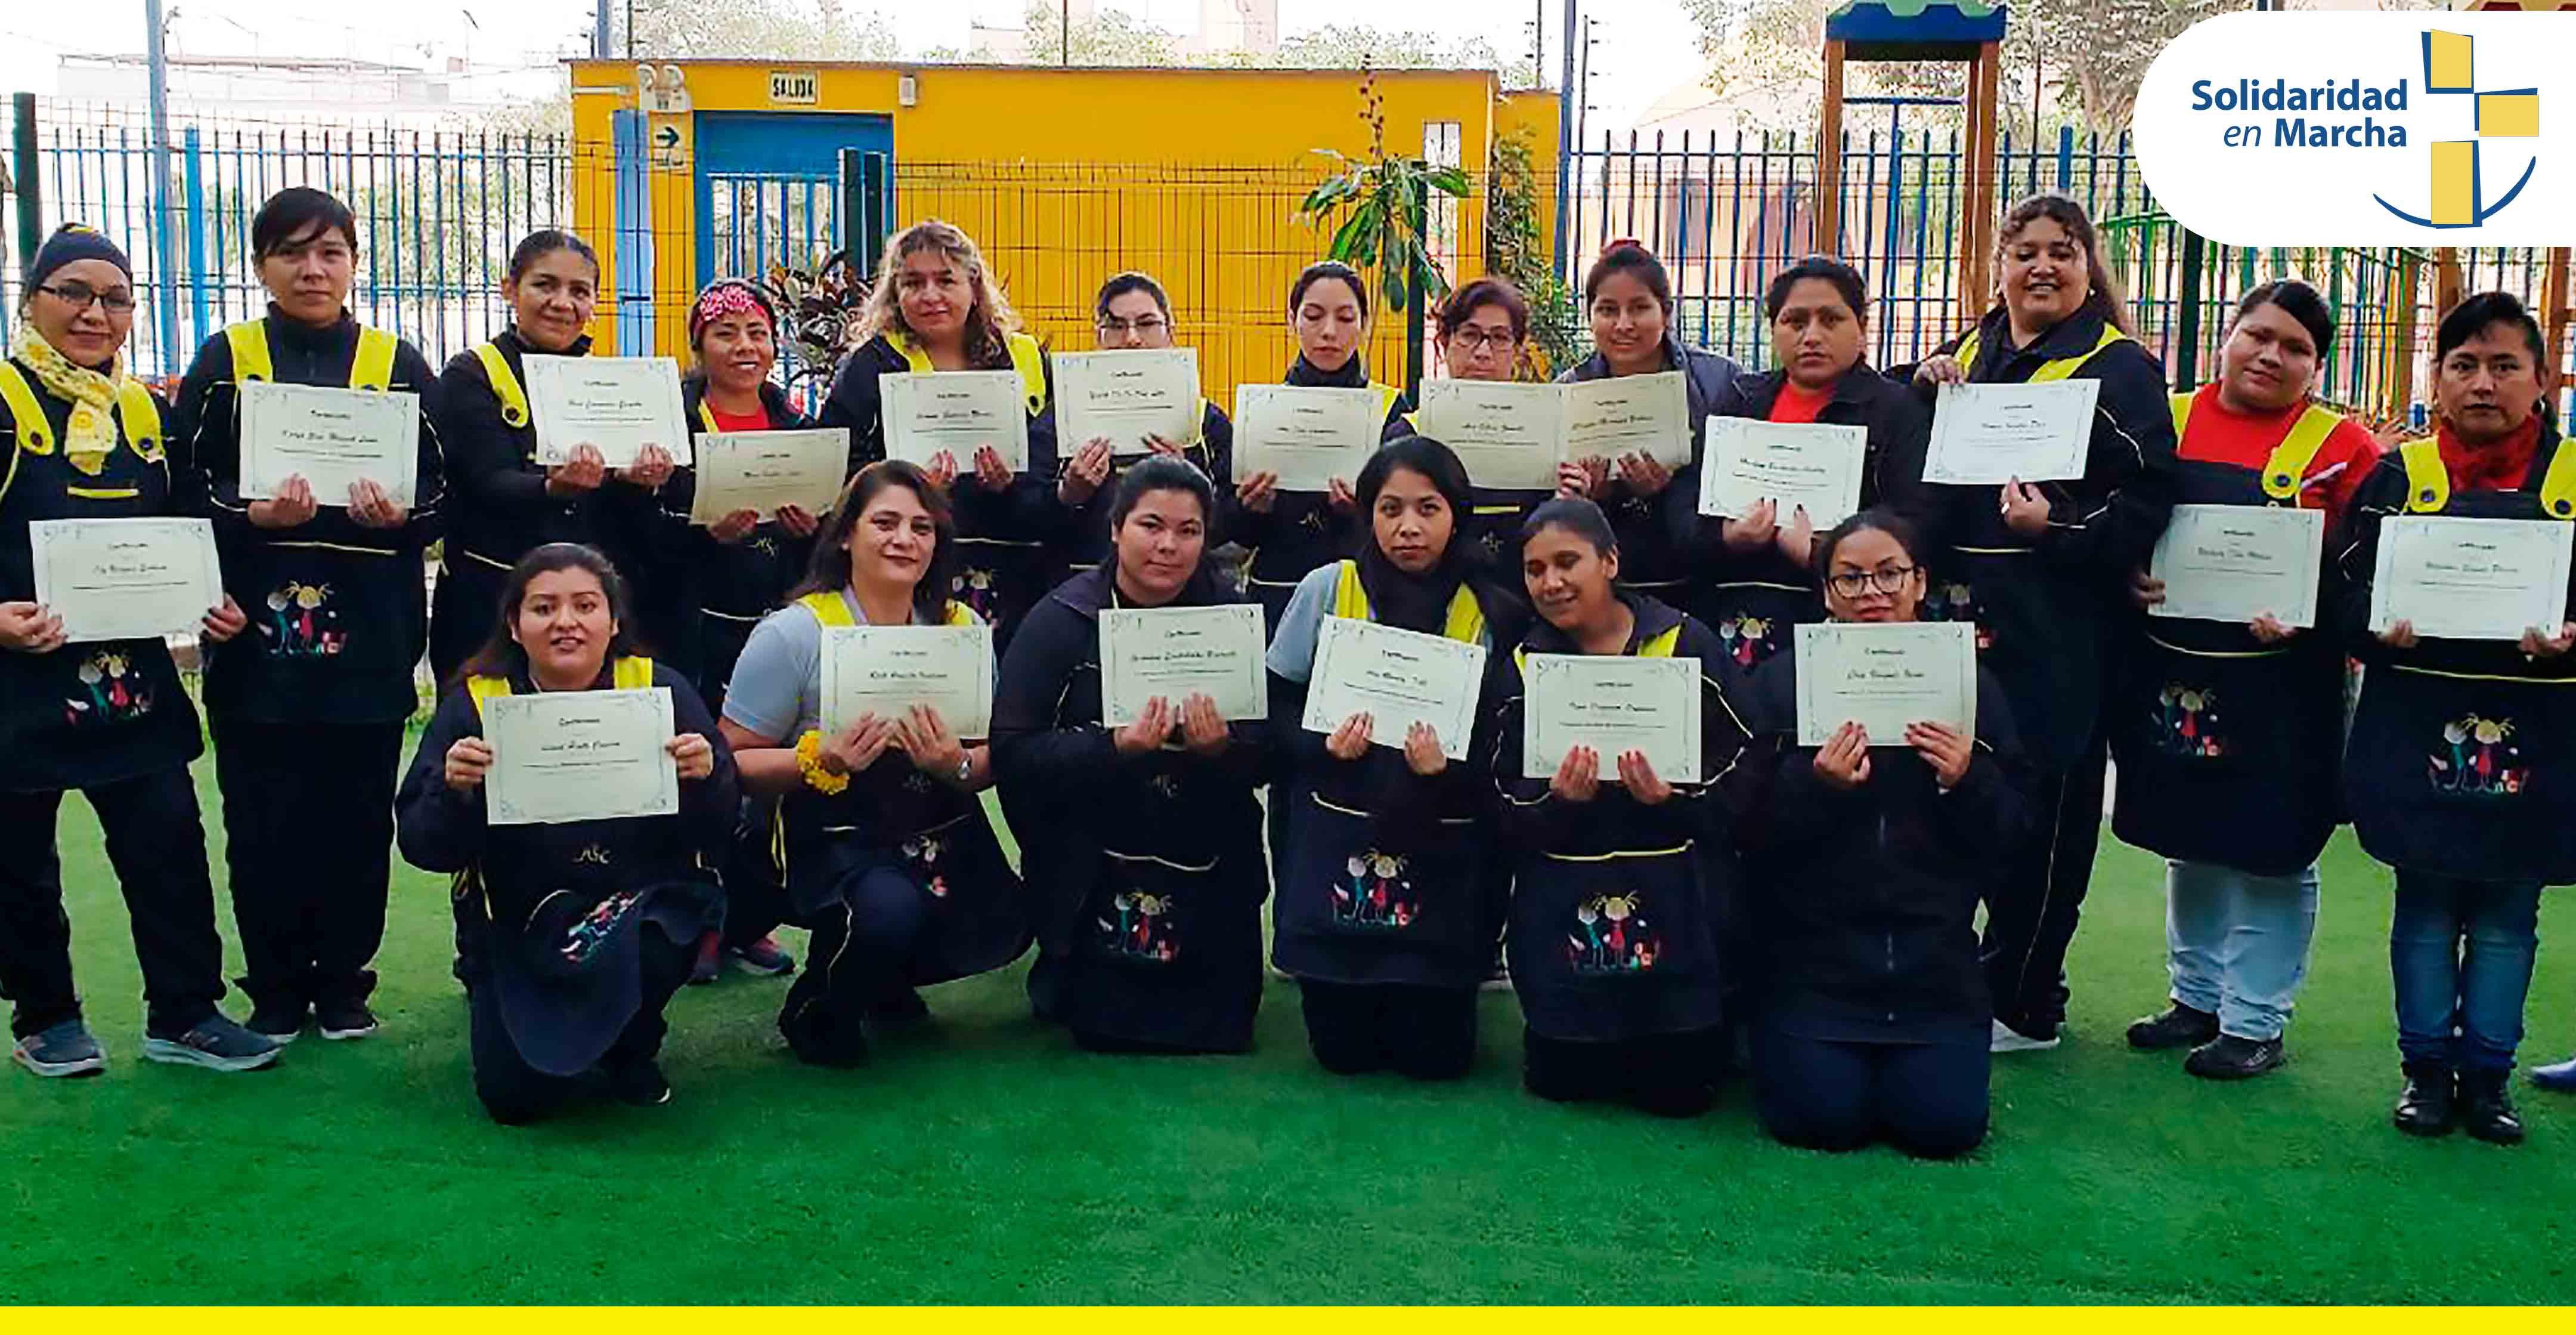 Docentes de la Red Educativa SEM reciben la primera capacitación anual de cuidado infantil